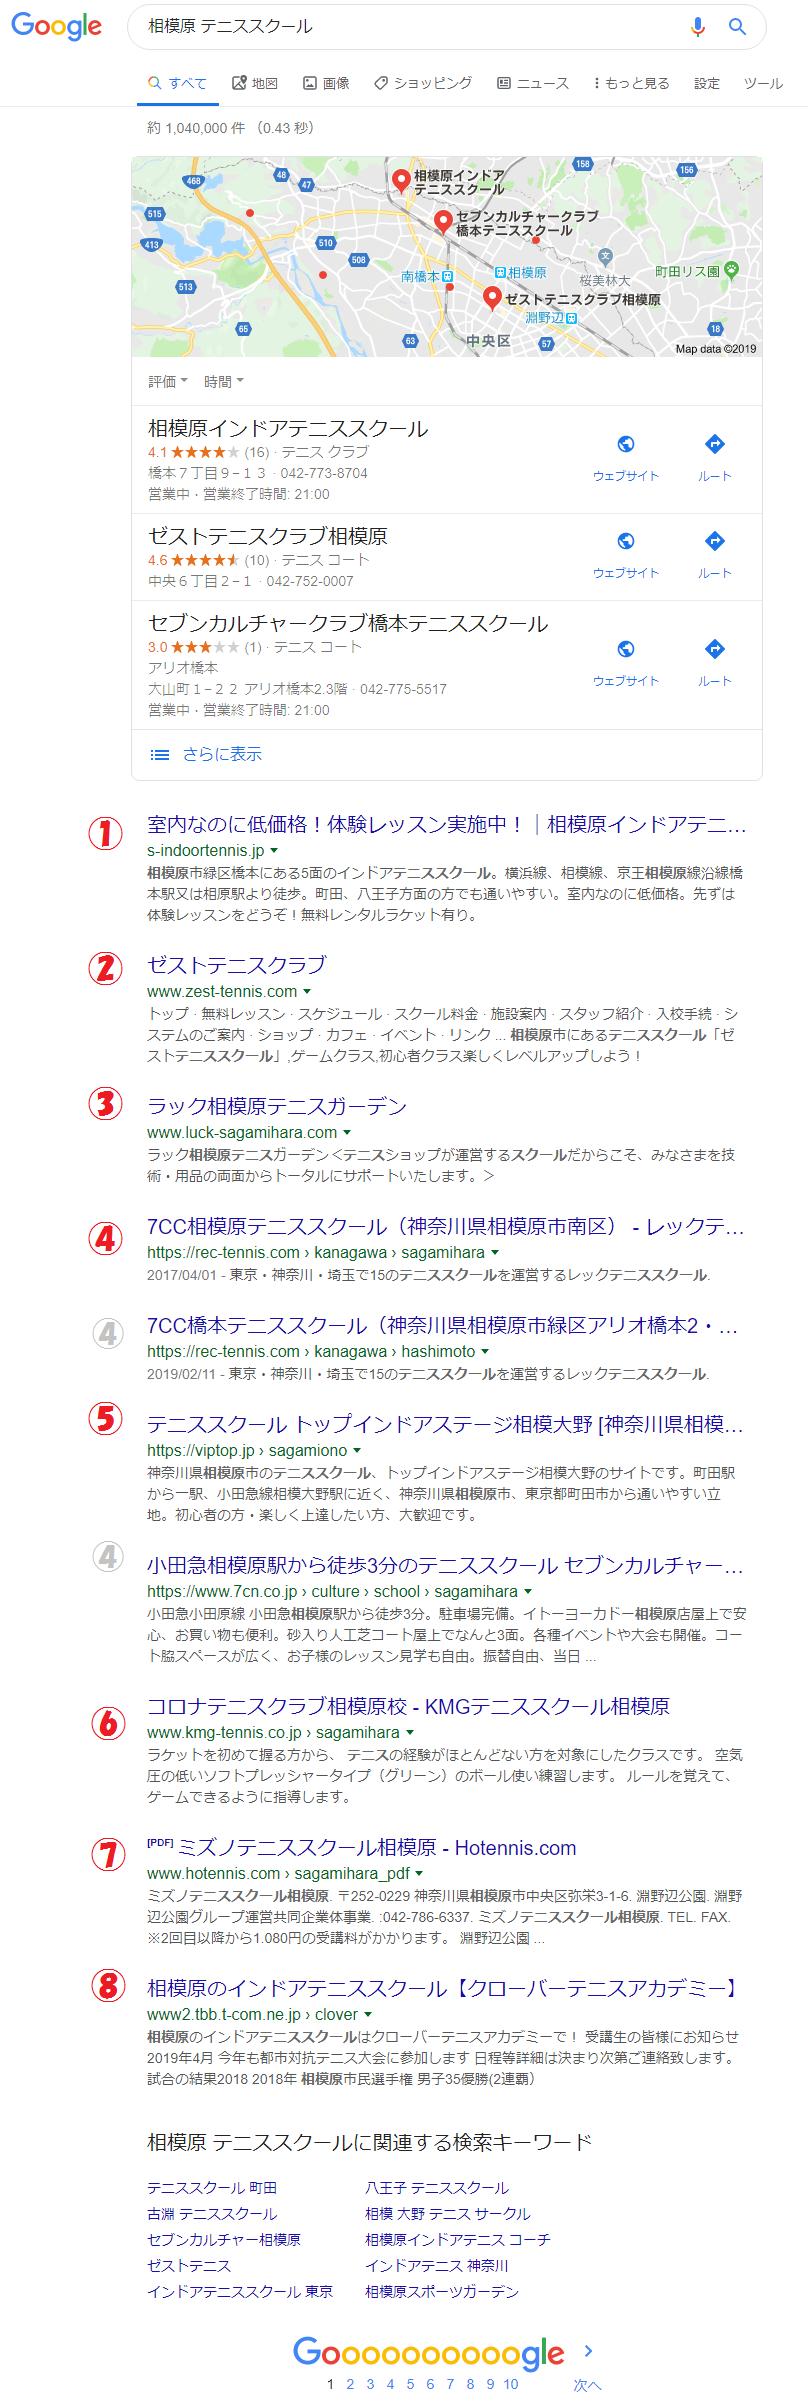 相模原 テニススクール - Google 検索